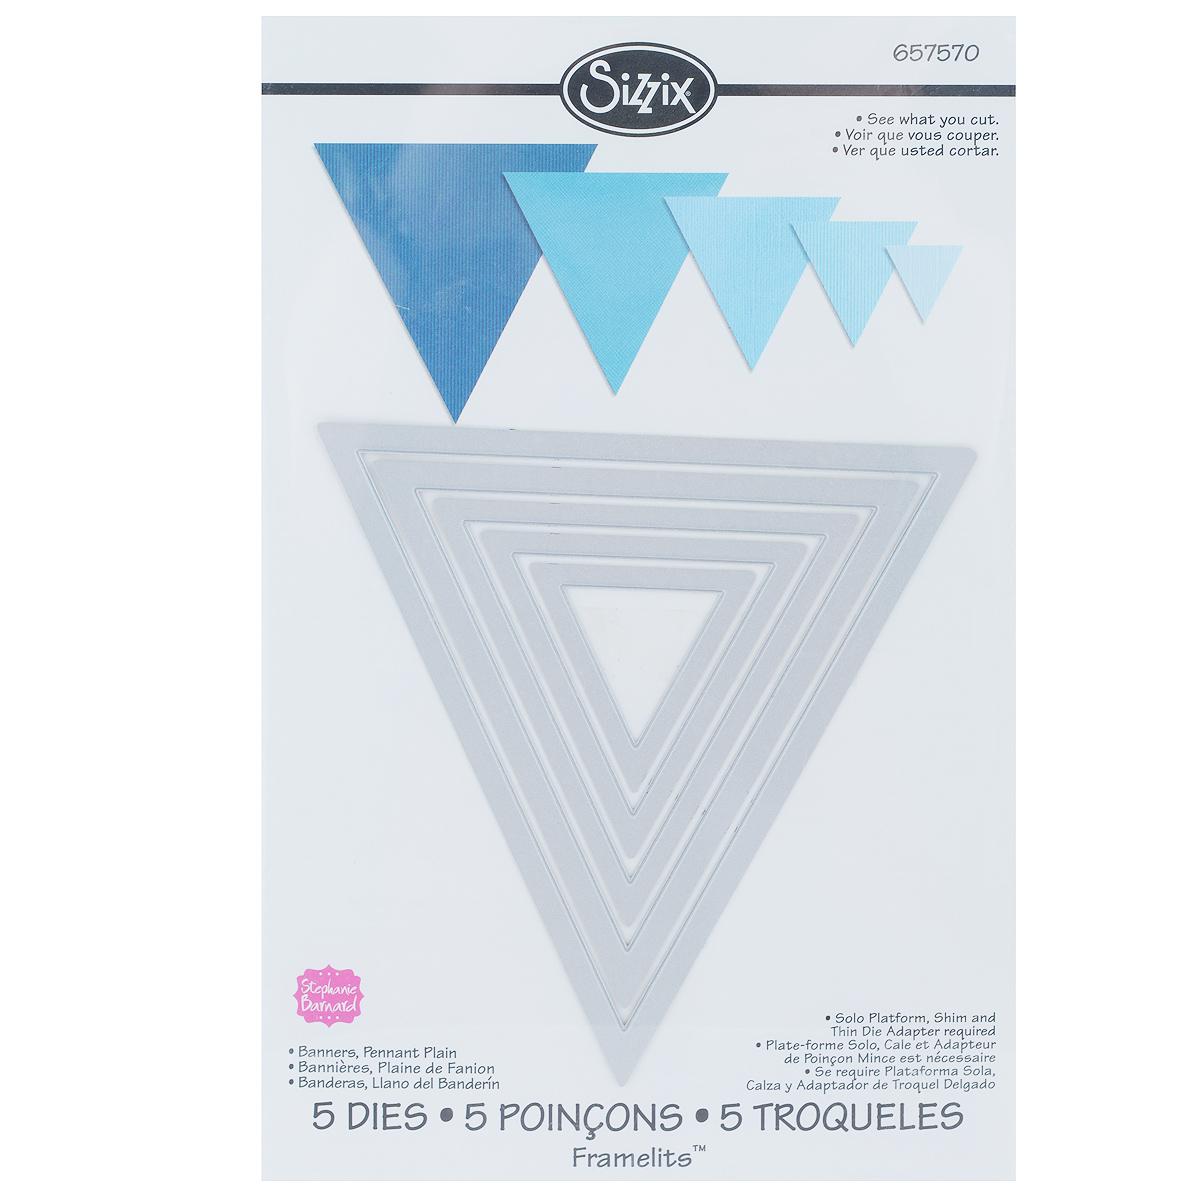 Форма-трафарет для вырубки Sizzix Треугольники, 5 шт.657570С помощью форм-трафаретов для вырубки Sizzix Треугольники можно создать оригинальные фигуры. Формы для вырубки - это определенной формы ножи, обеспечивающие форму вырубной фигуры. В комплект входит 5 форм-трафаретов, выполненных из металла. Они режут бумагу, картон и ткань. Формы станут незаменимыми при создании скрап-страничек, открыток и конвертов с резными декоративными фигурками и ажурными украшениями. Формы для вырубки разнообразят вашу работу и добавят вдохновения для новых идей. Формы подходят для машинки для вырубки и эмбоссирования Big Shot. Размер наибольшей формы: 12 см х 11,8 см. Размер наименьшей формы: 4,1 см х 4 см.